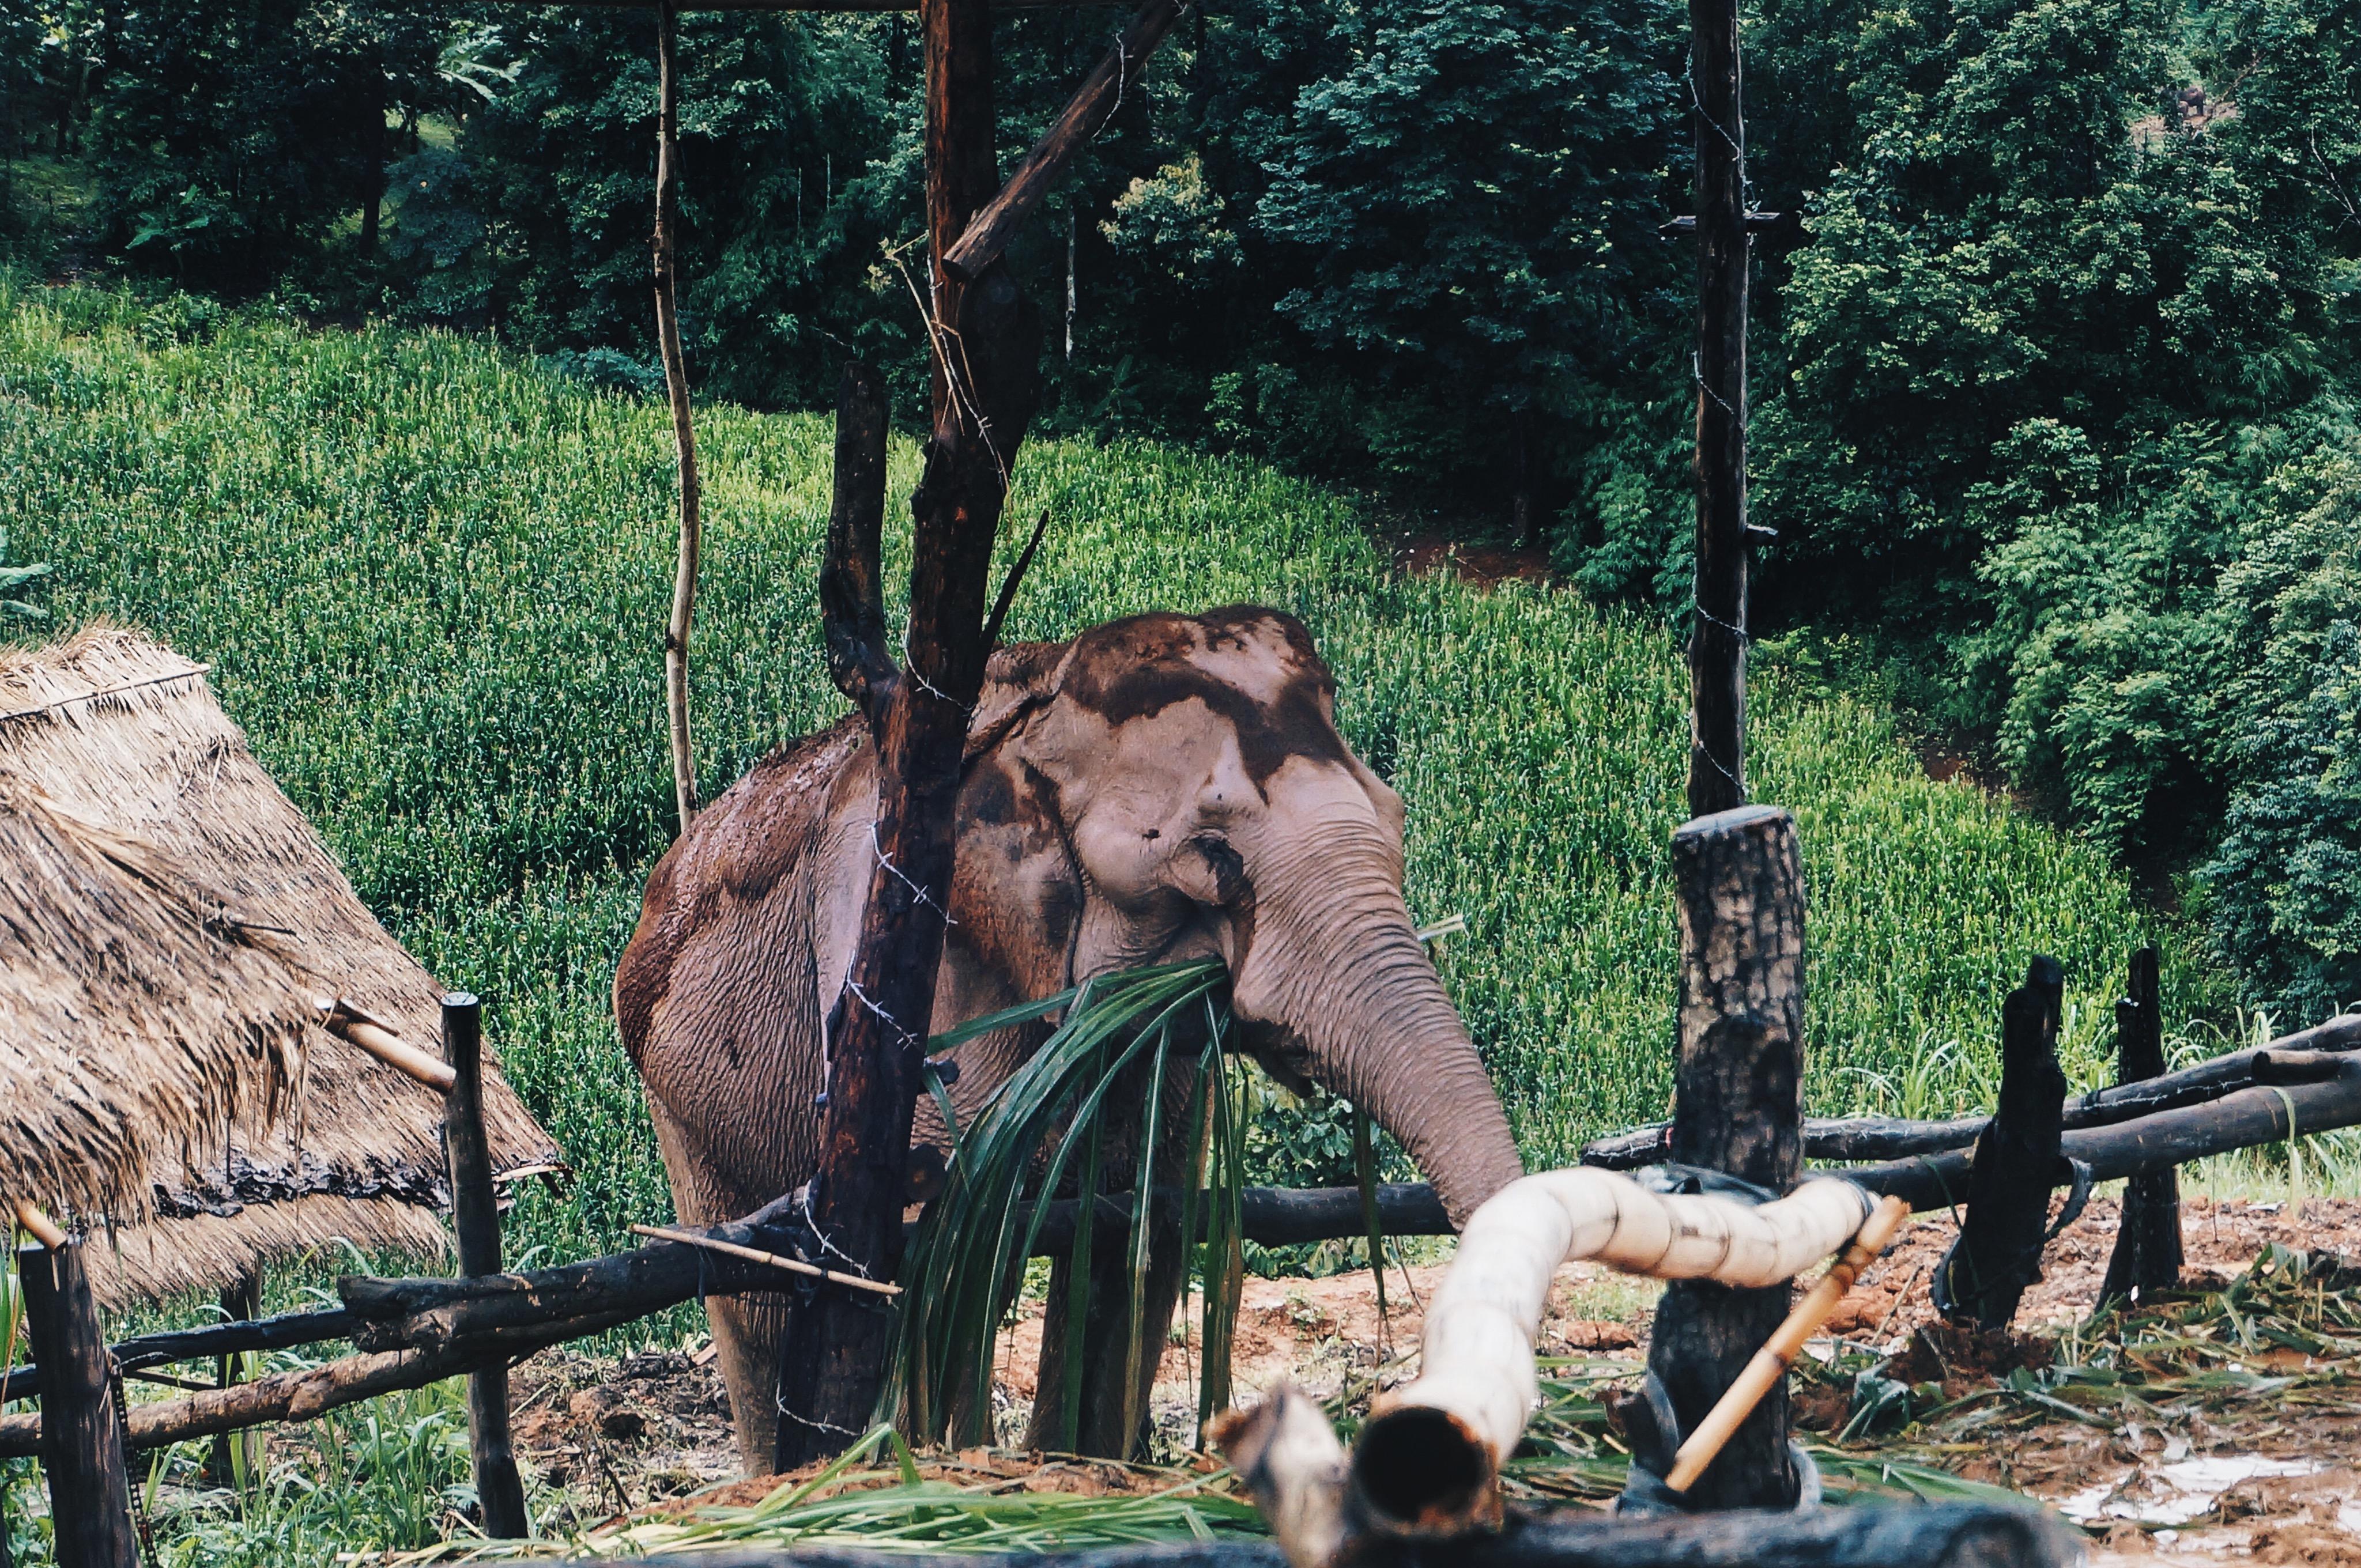 essender Elefant in Thailand, Elefantencamp Thailand, ethisch vertretbar, Chiang Mai